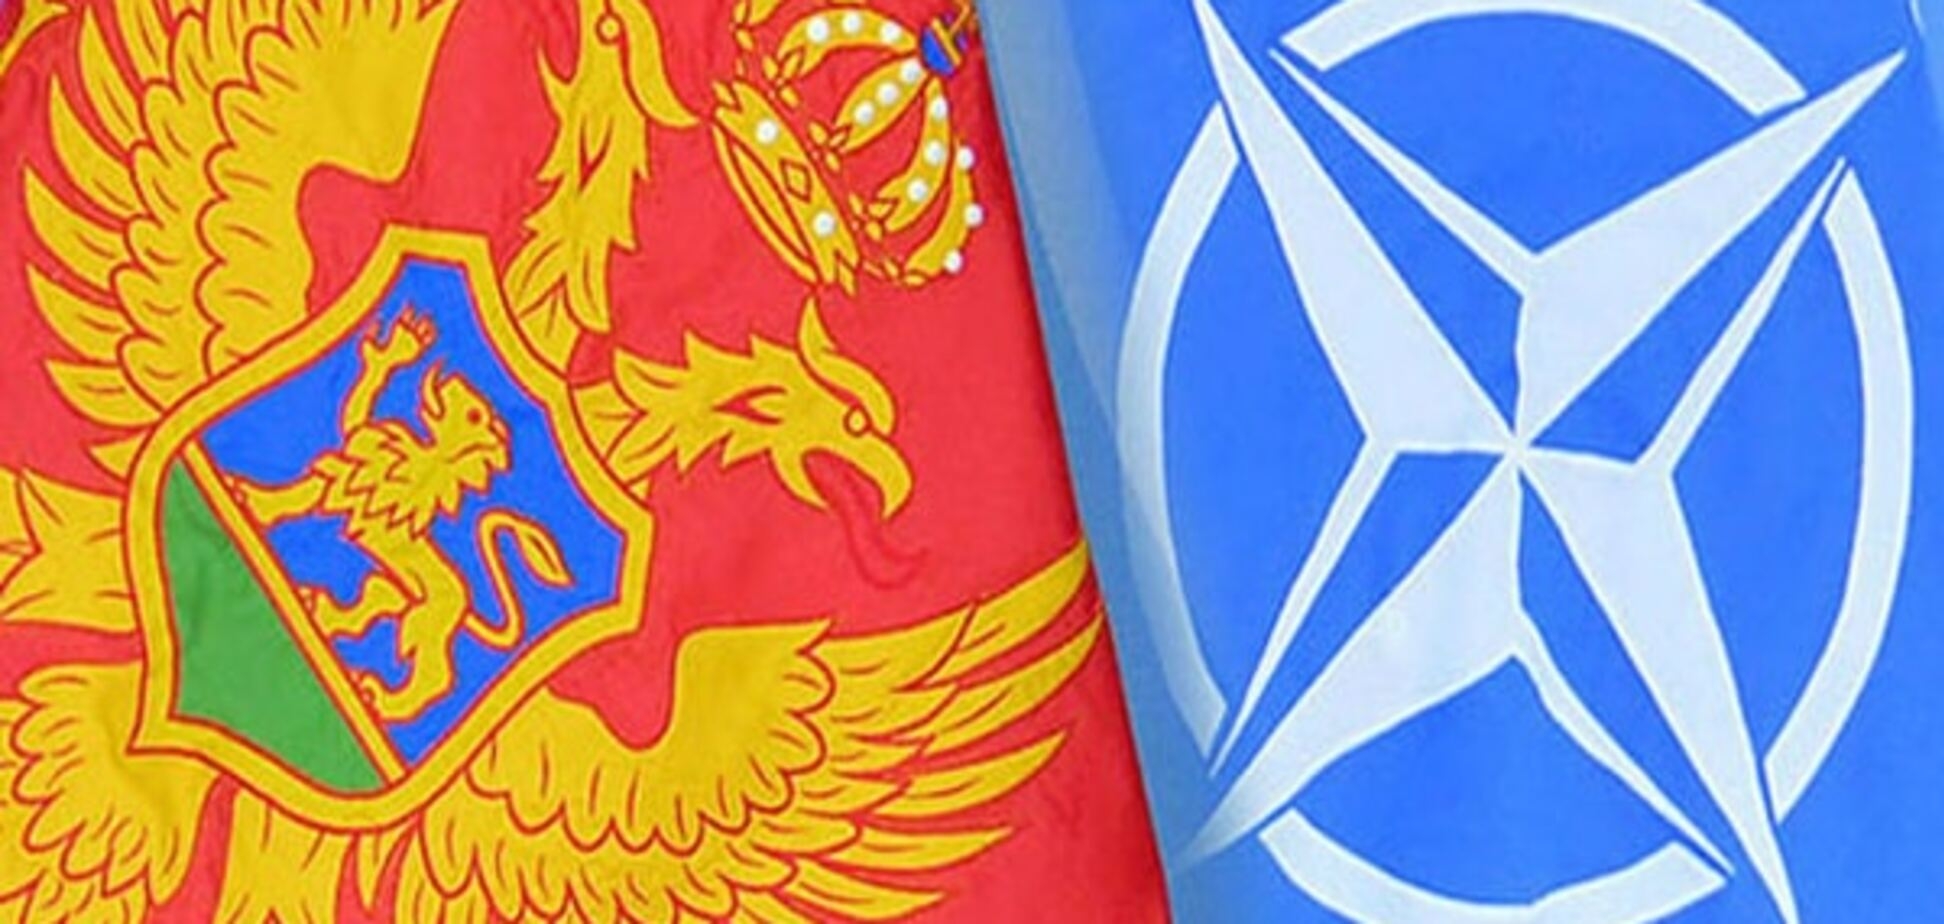 'Або я, або вони': Росія пригрозила Чорногорії через НАТО